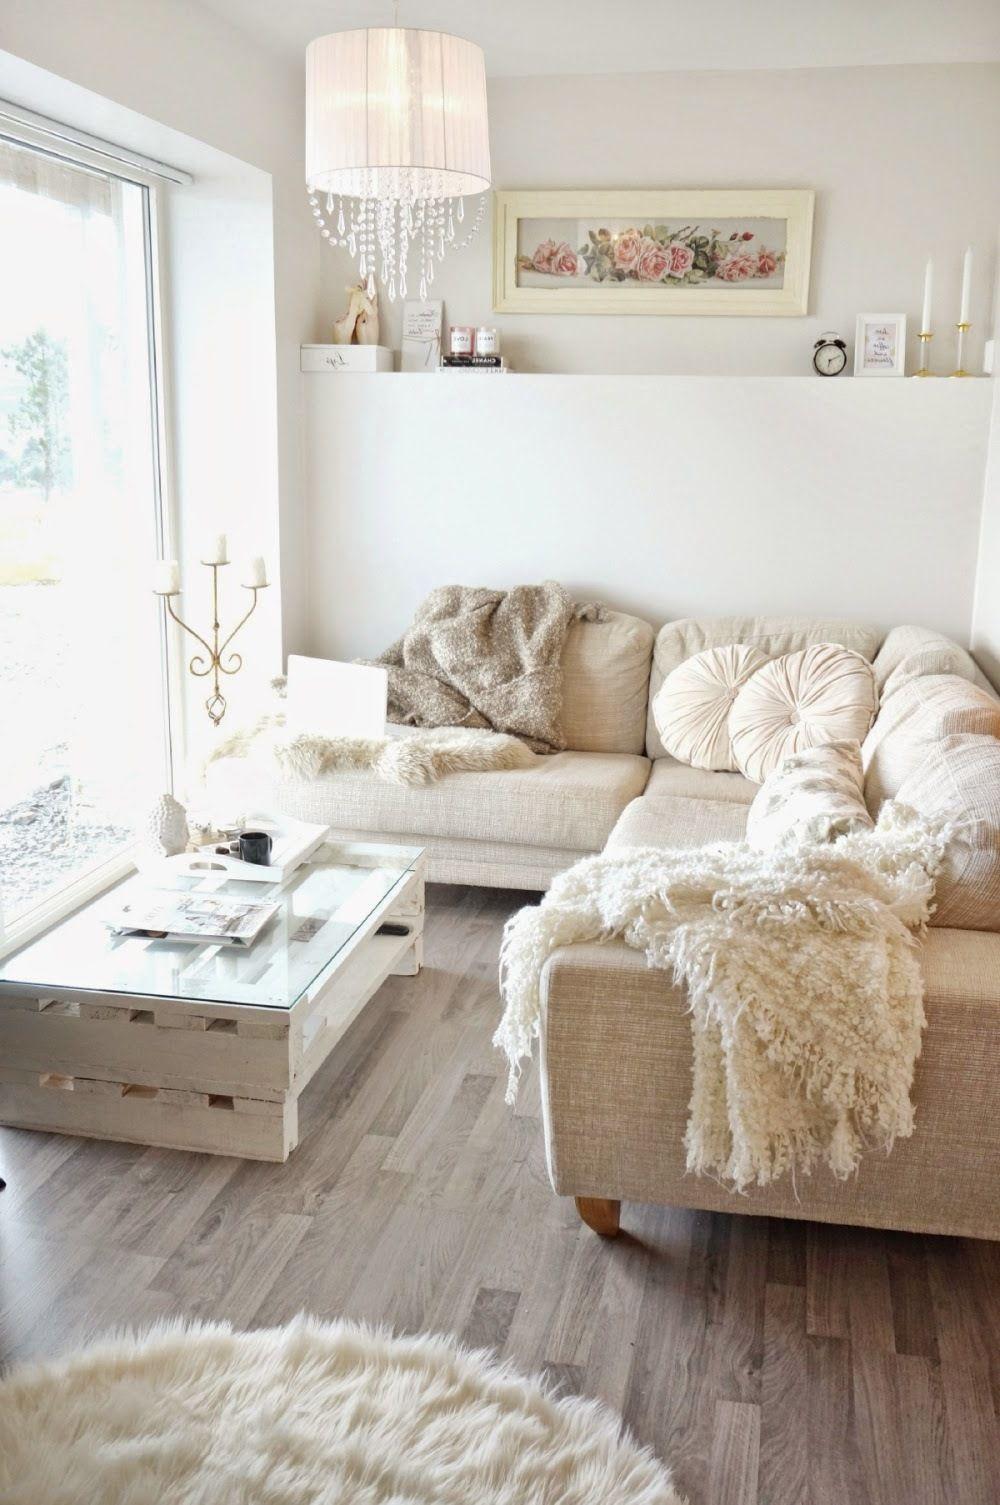 Kleines Wohnzimmer einrichten – 70 frische Wohnideen! | Pinterest ...